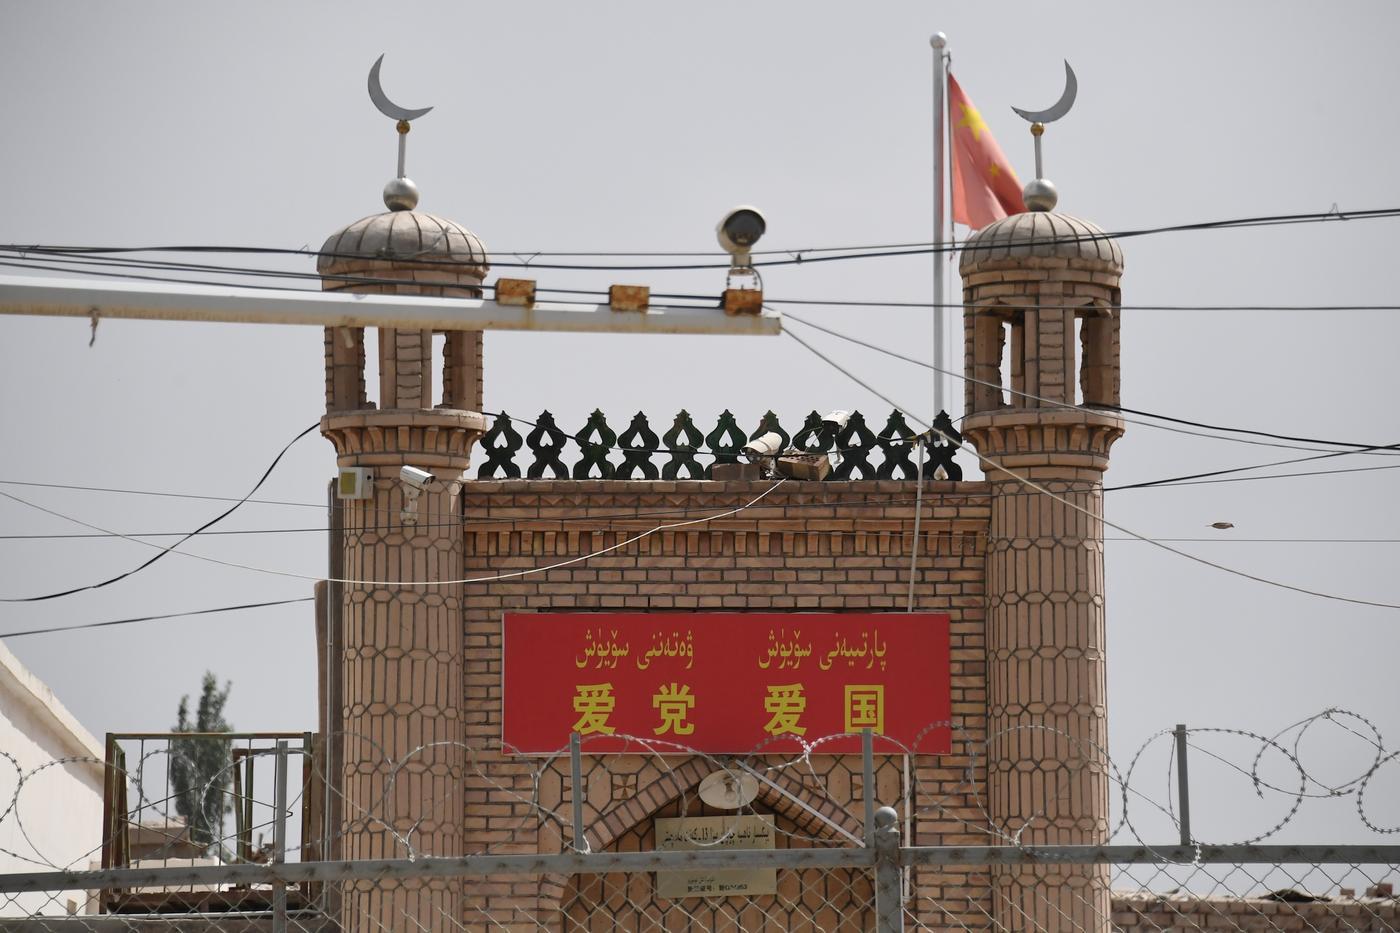 Mosque in Xinjiang China